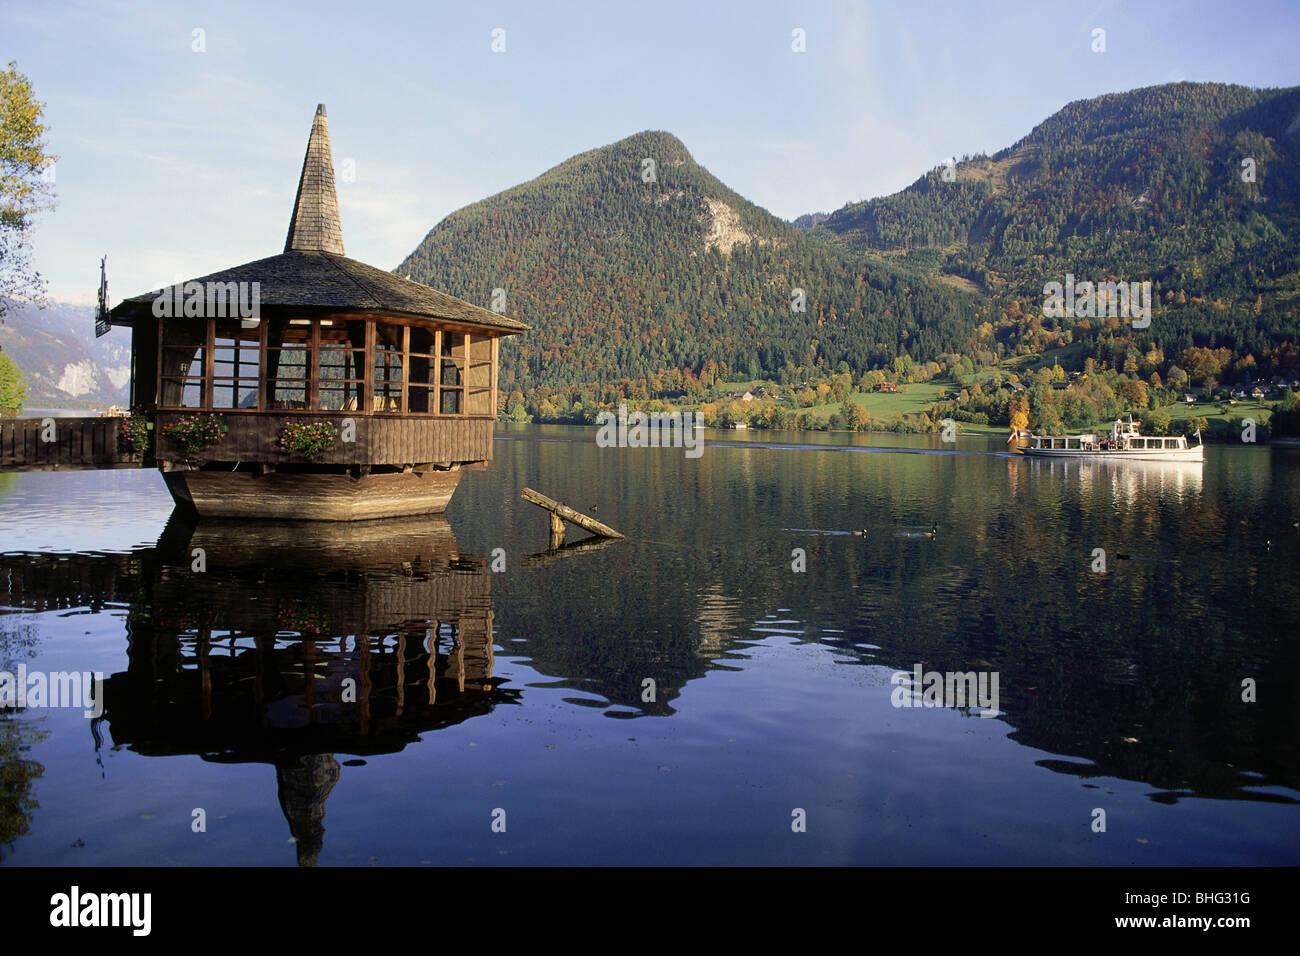 Geografía / viajes, Austria, Estiria, los paisajes, la vista del lago Grundl Grundlsee (agua), pabellón, Imagen De Stock